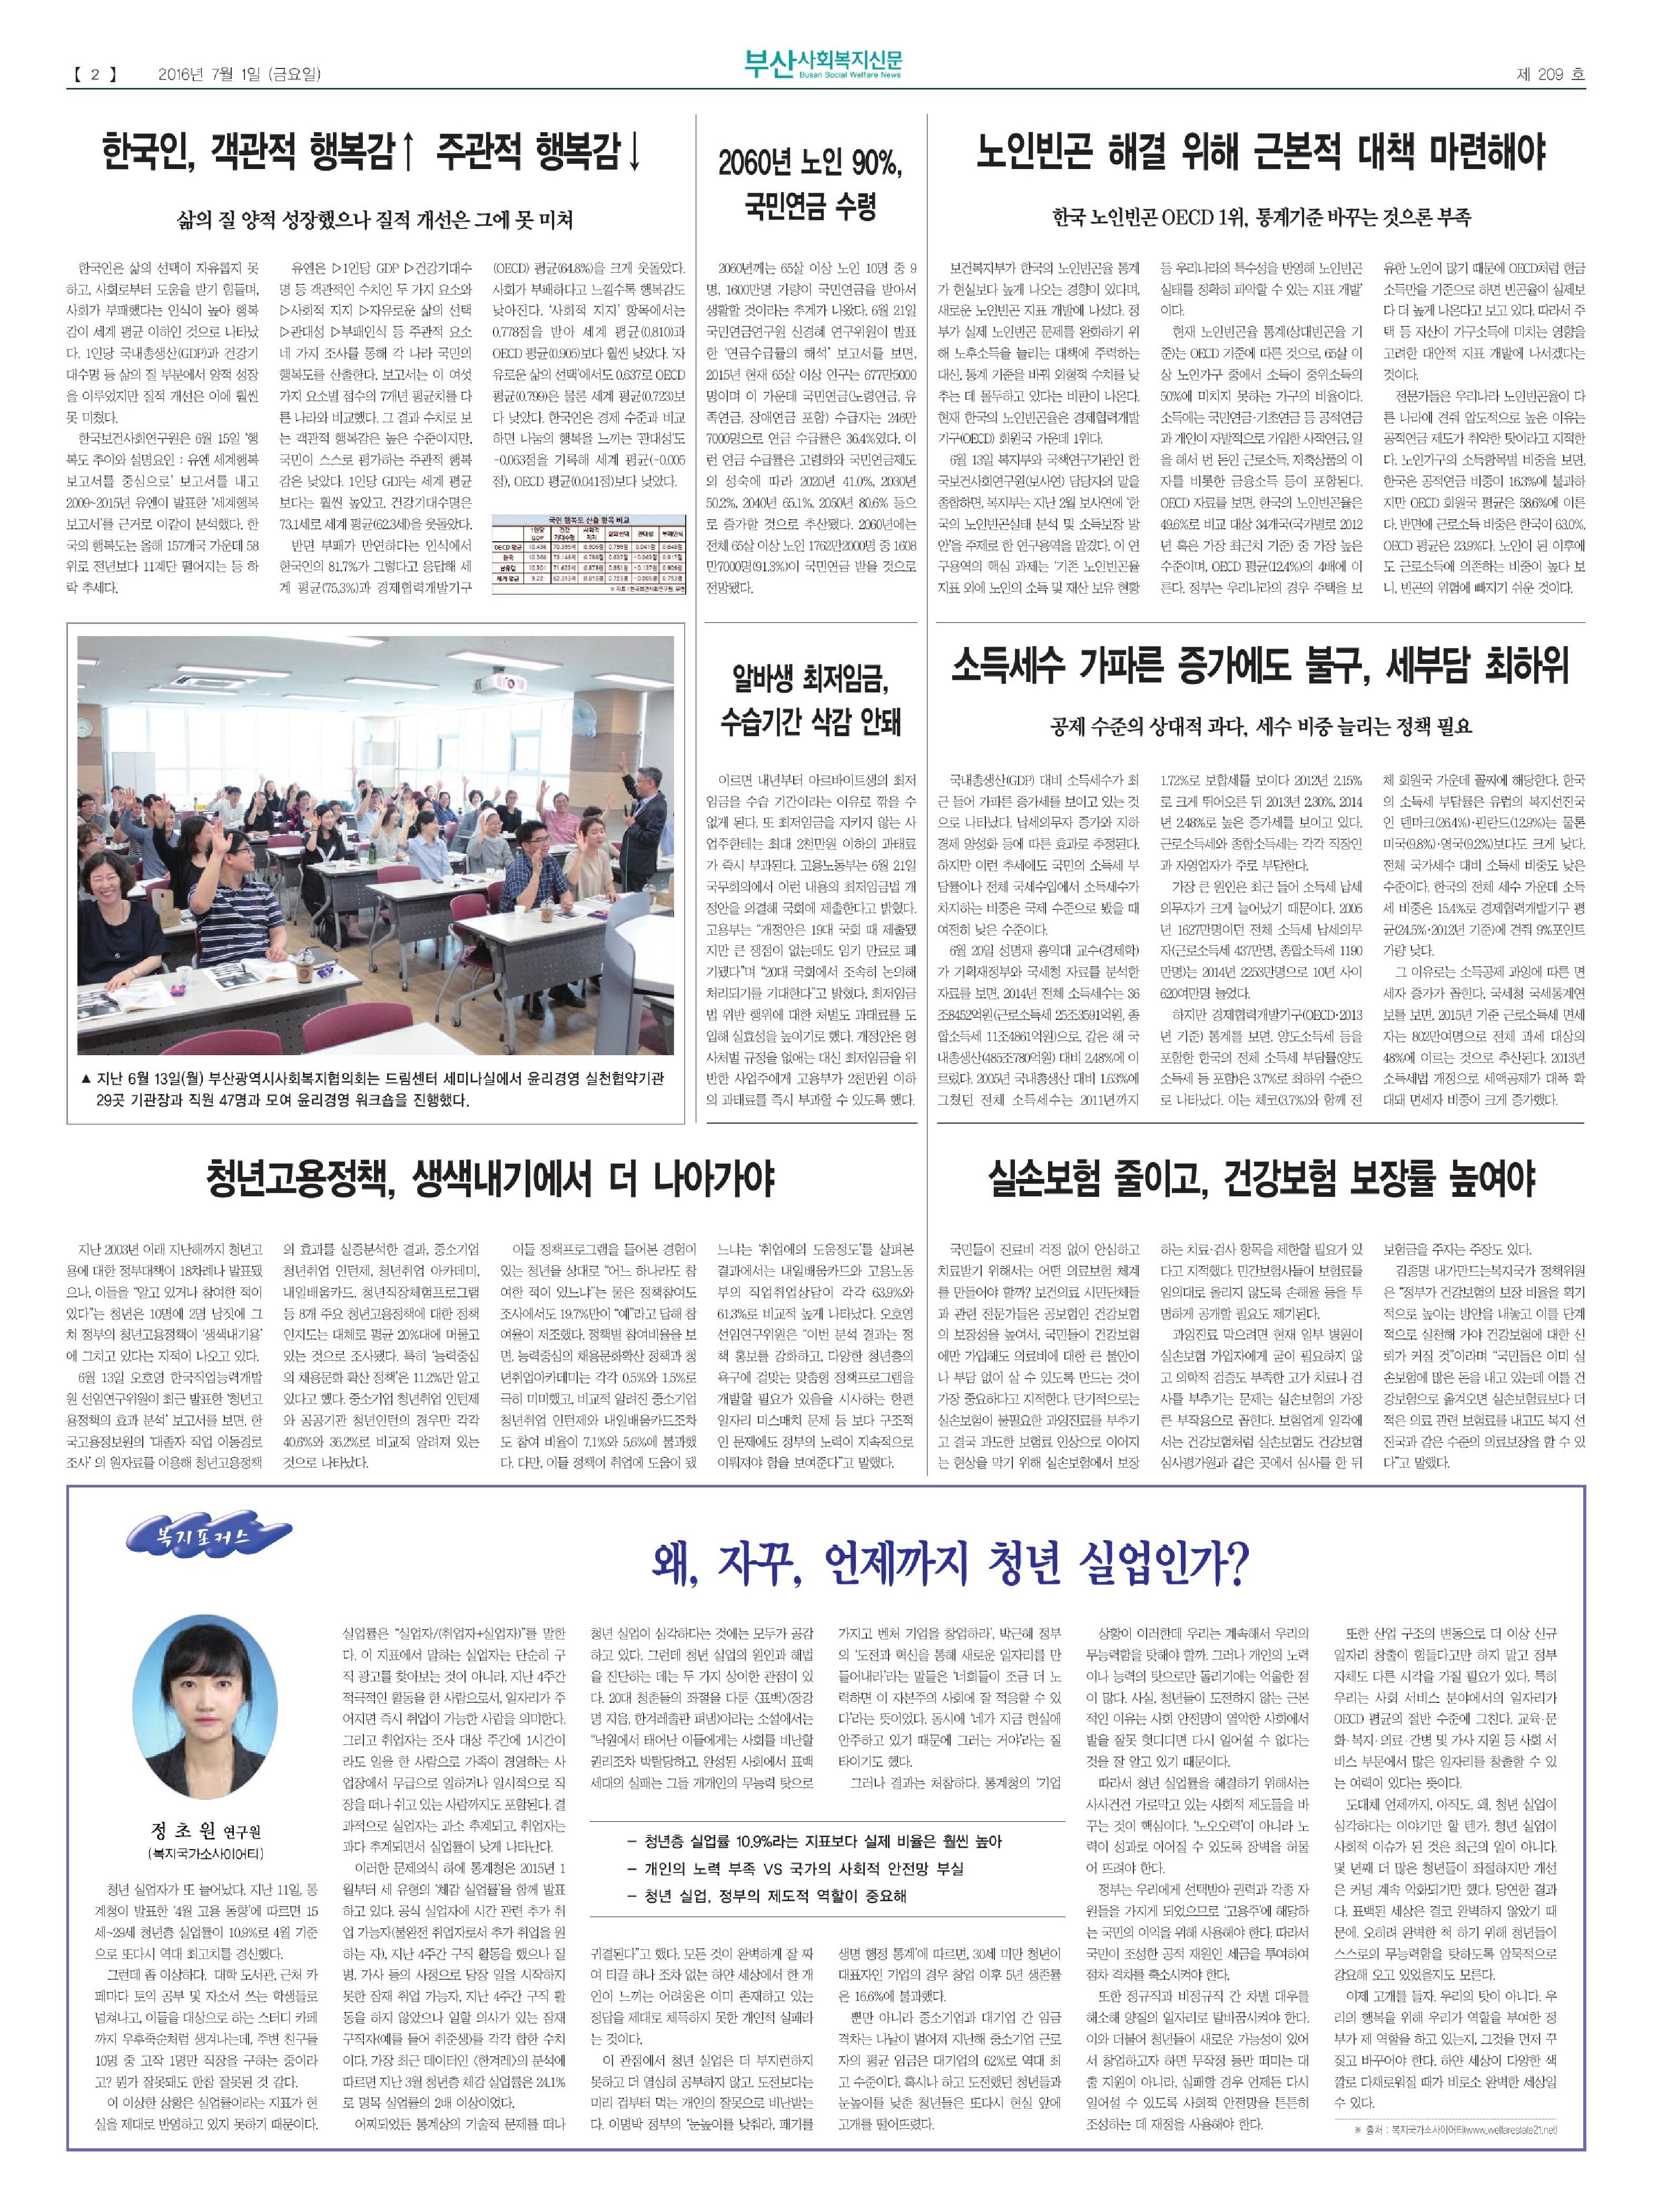 신문209-1-2.jpg